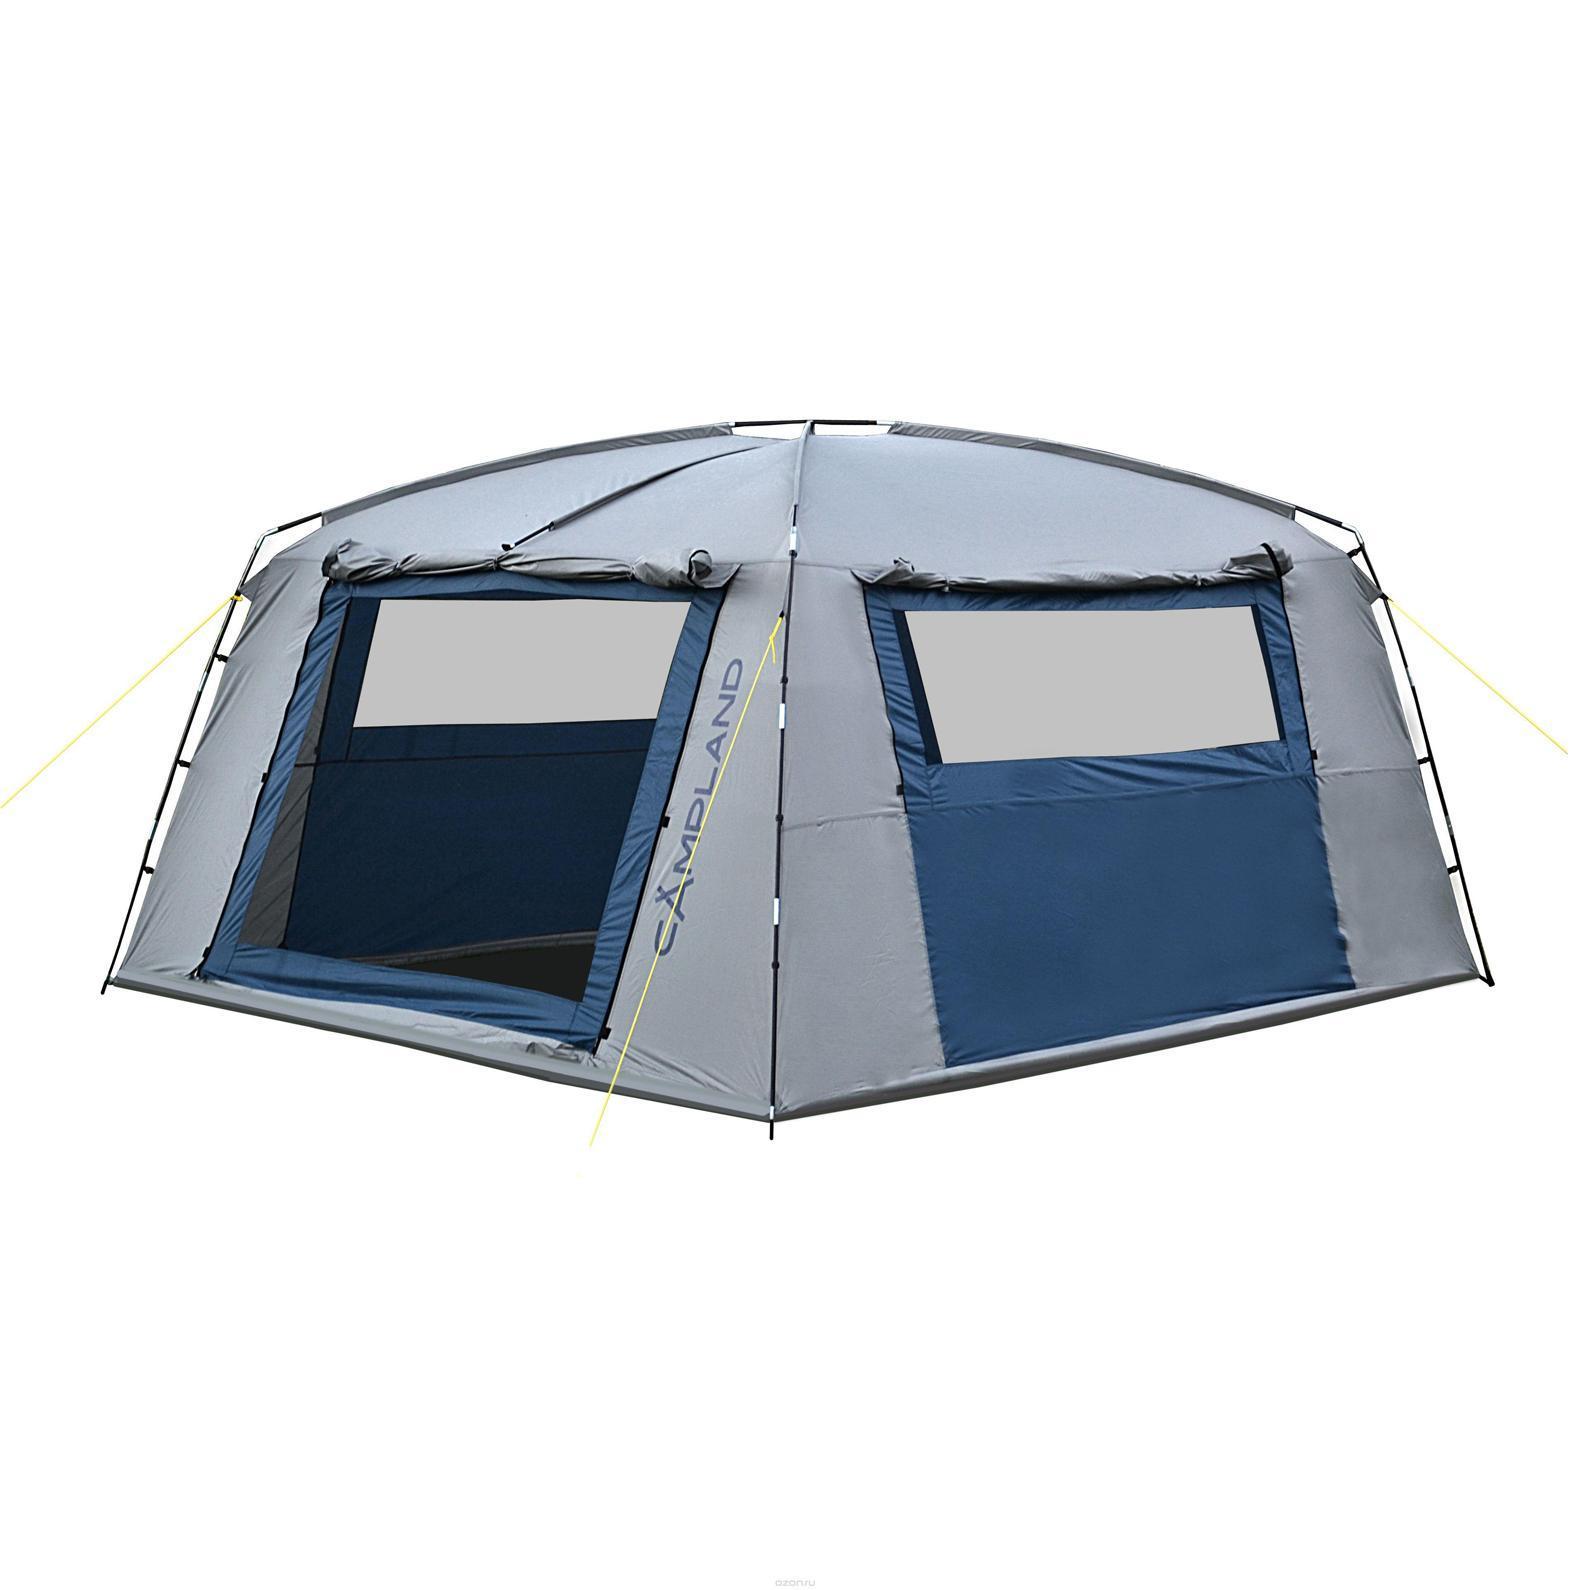 Тент шатер CAMPLAND FORT 335, цвет: серый, синий - Палатки и тенты